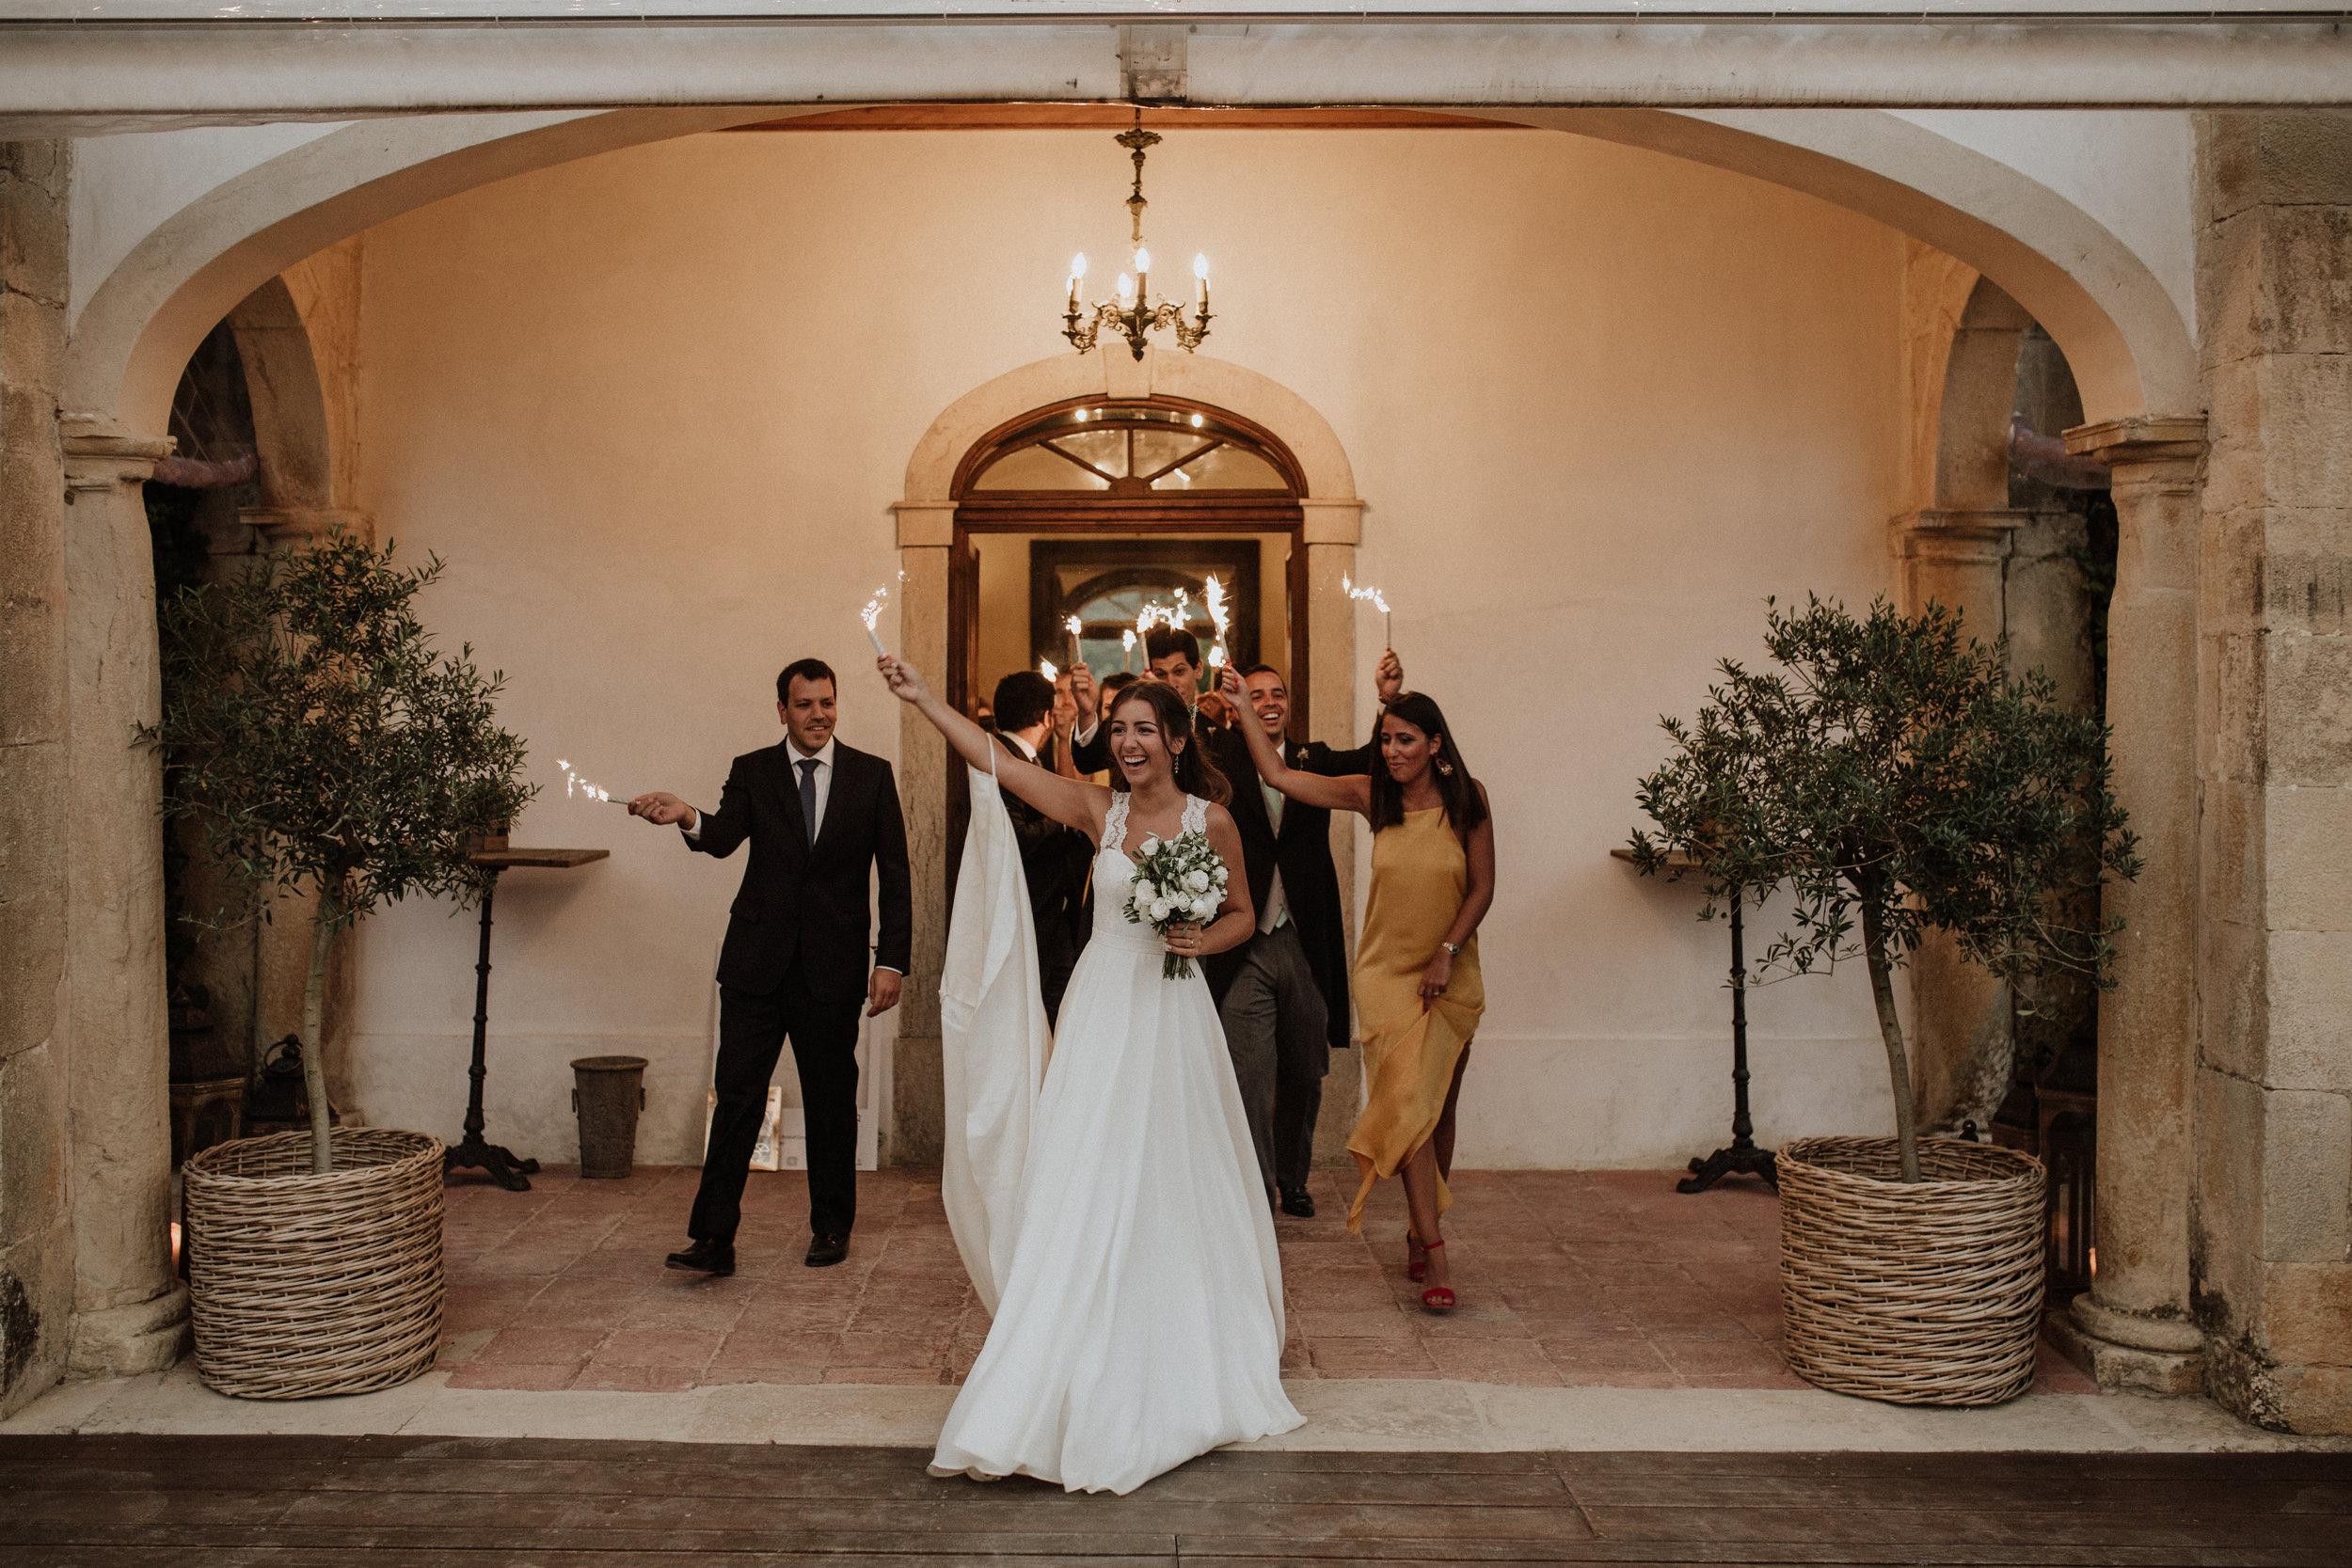 I&J_711_ 14_julho_2018 WEDDING DAY.jpg